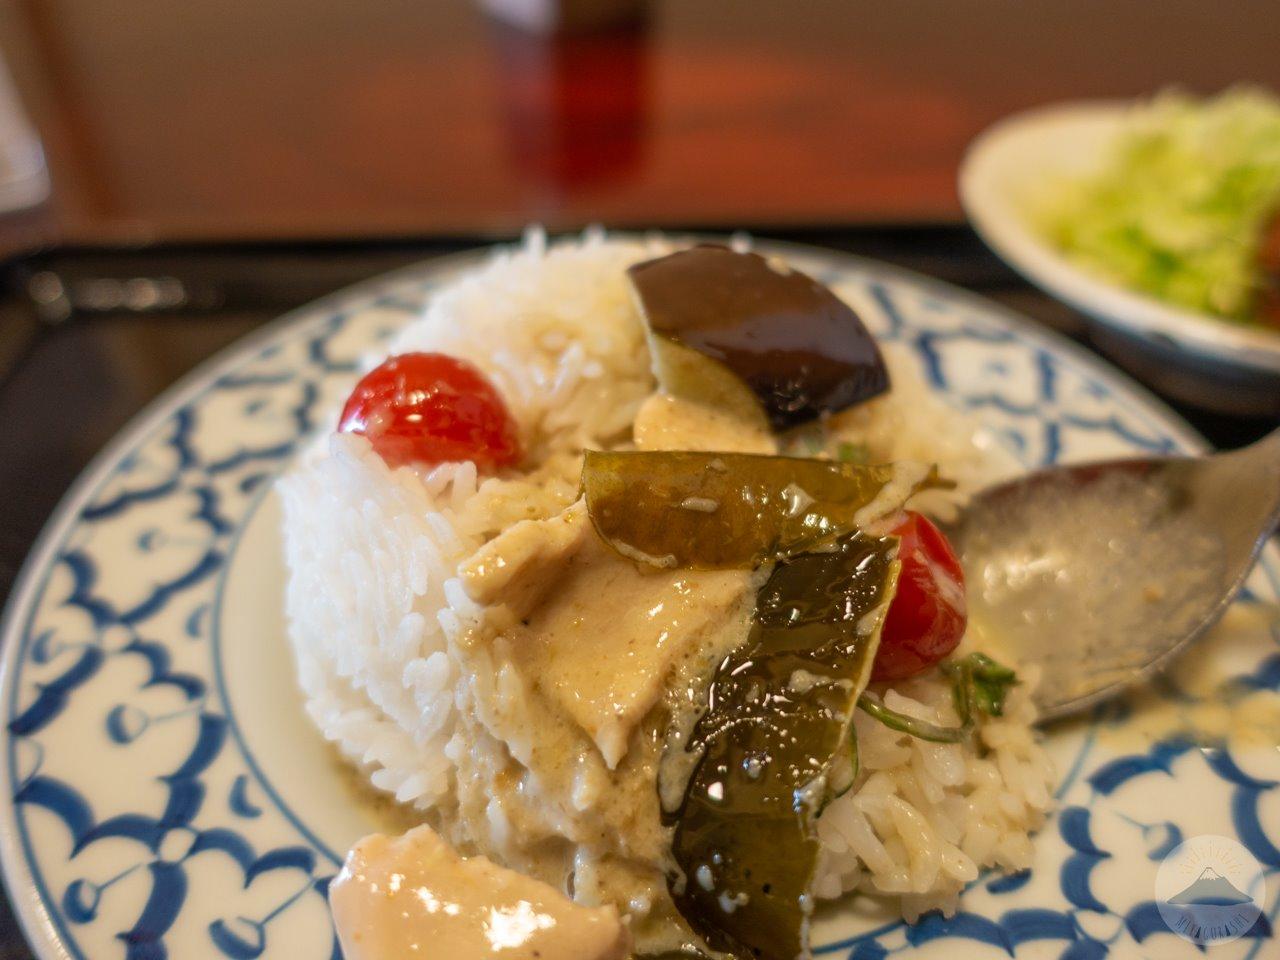 タイ屋台料理ユキズキッチンのグリーンカレー